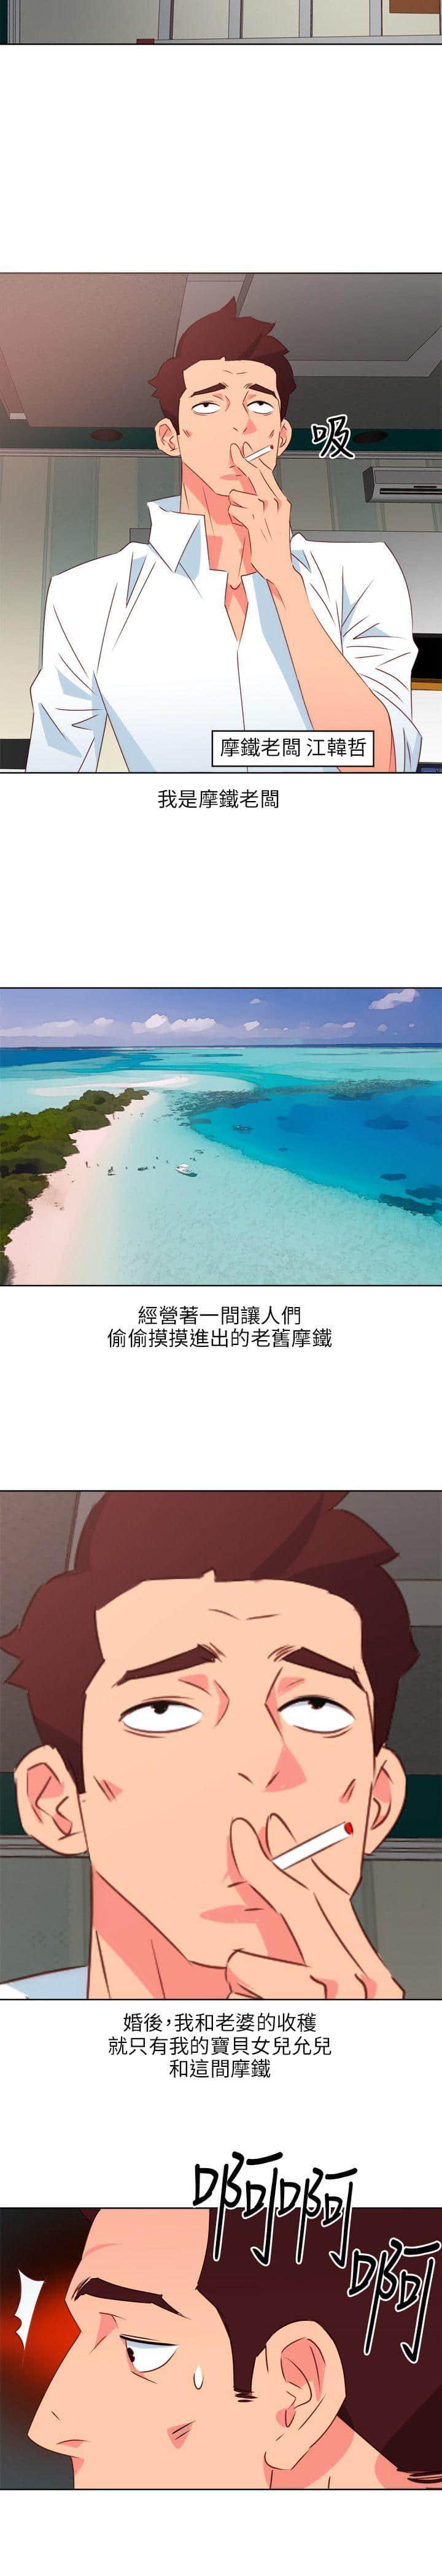 穿越西元-穿越西元韩国漫画全集【全文免费阅读】